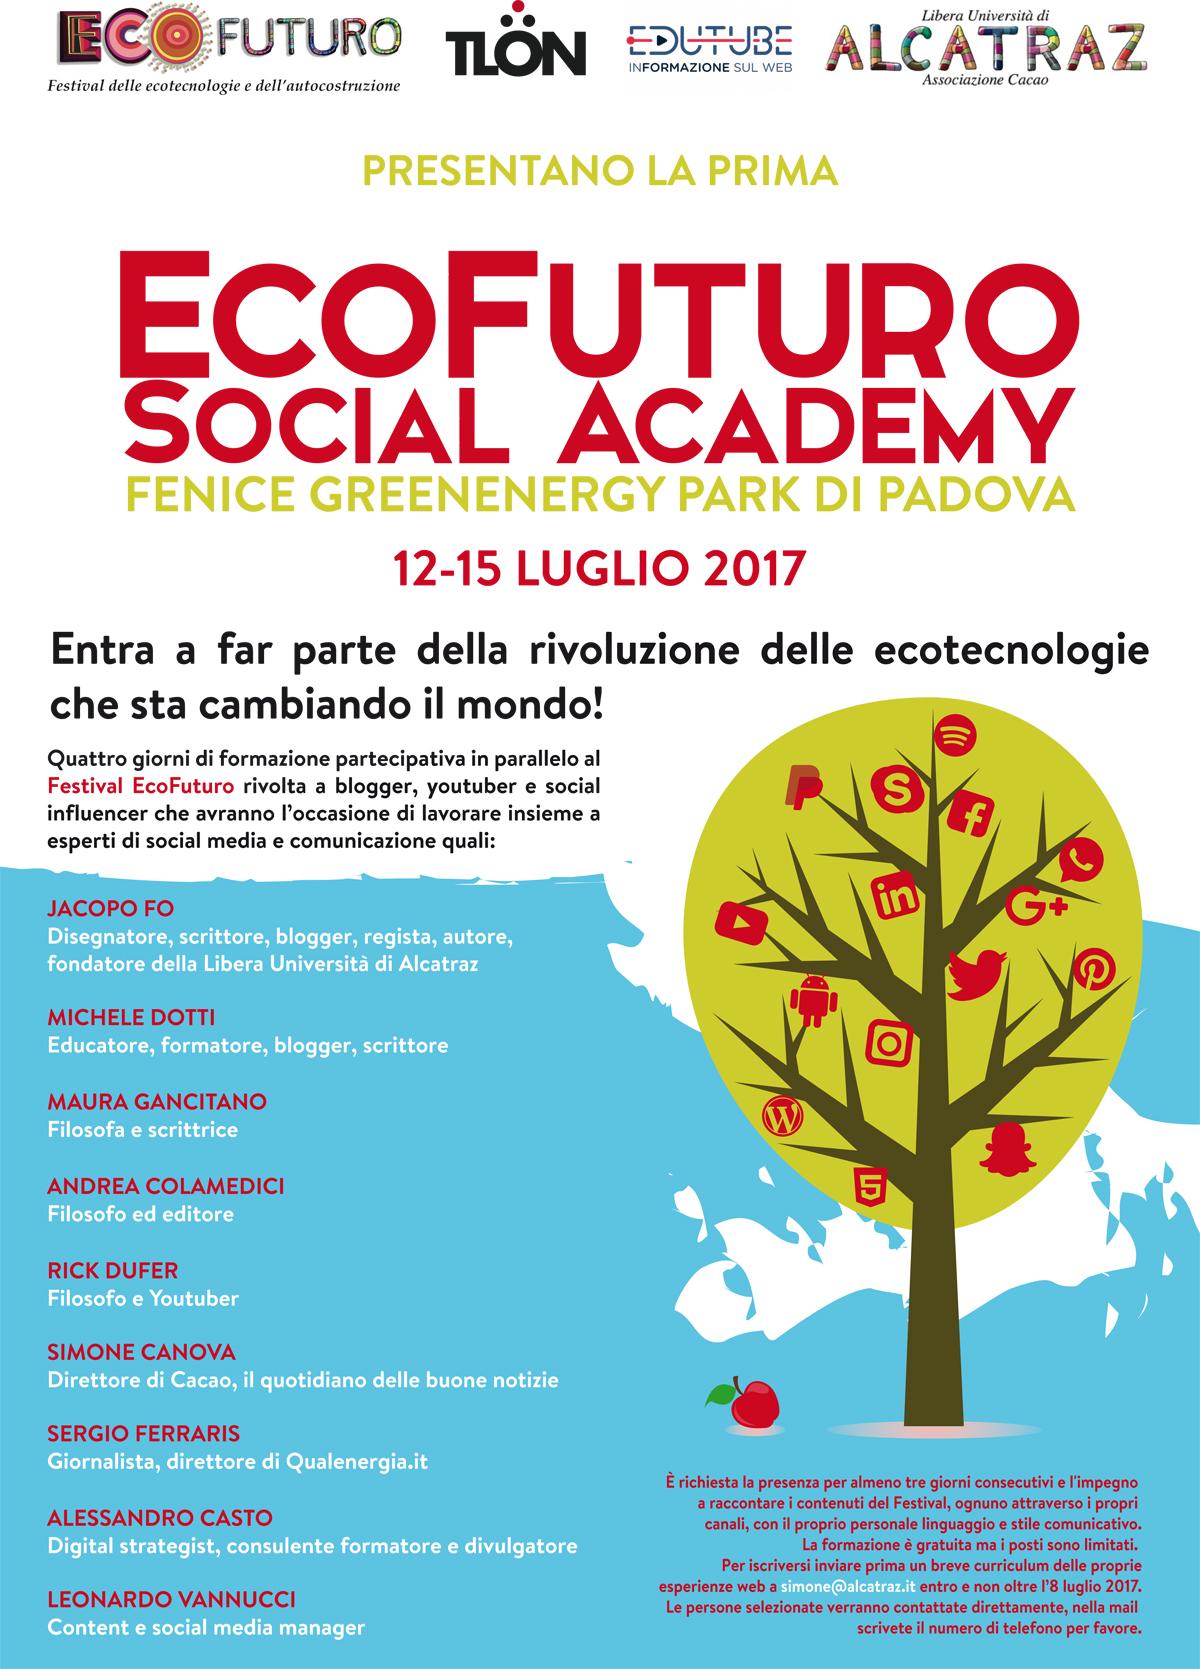 EcoFuturo Social Academy